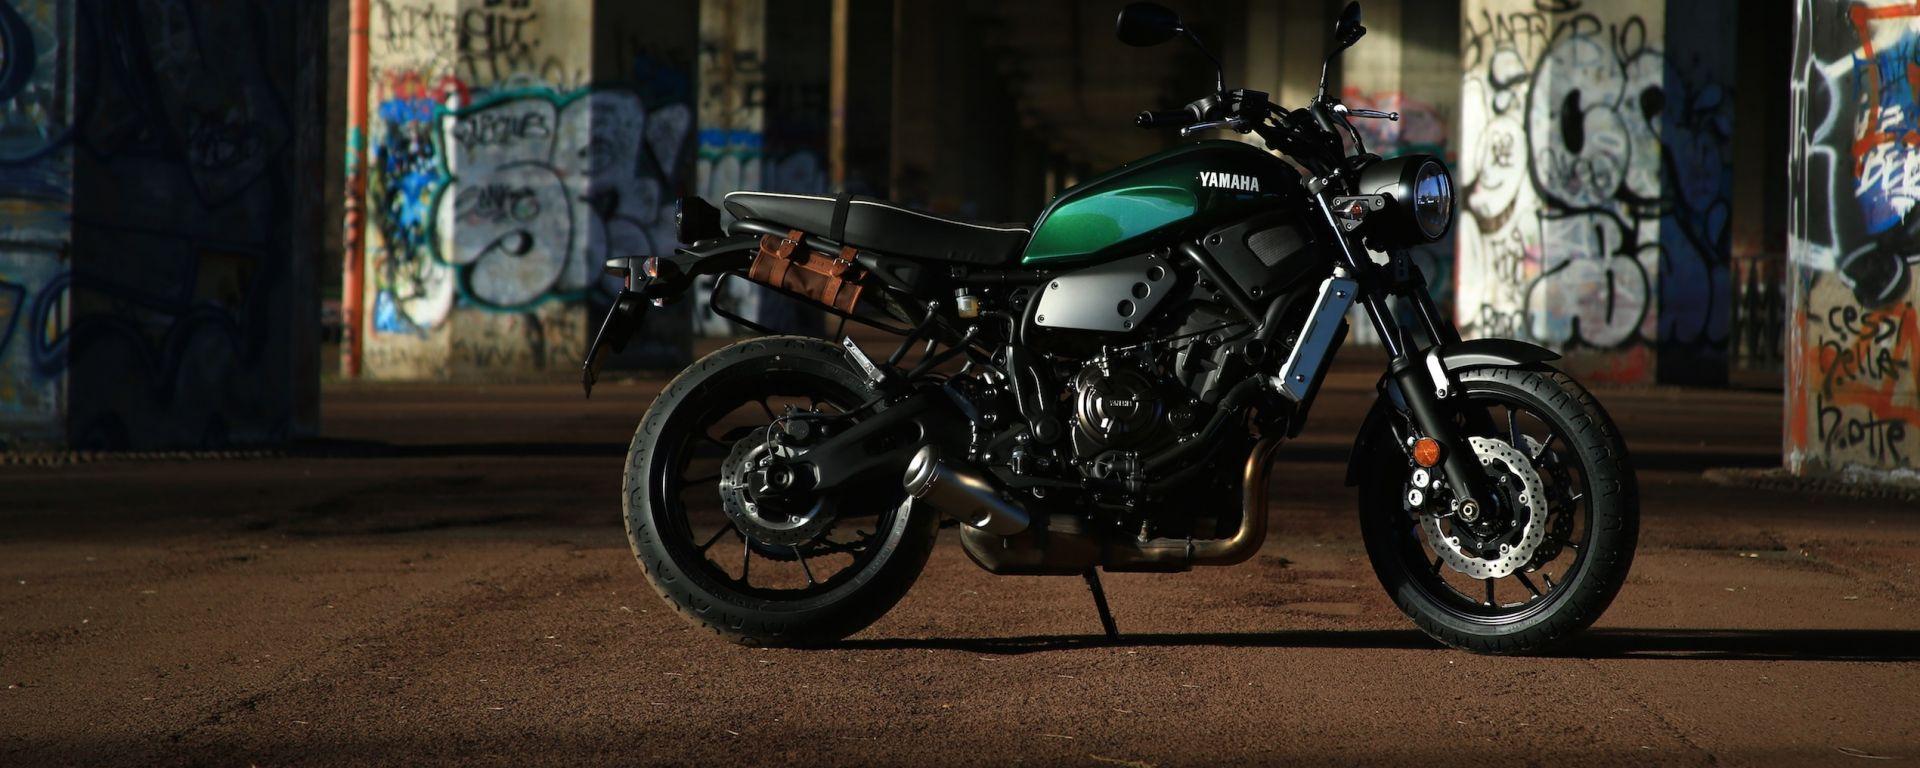 Yamaha a Motodays 2016